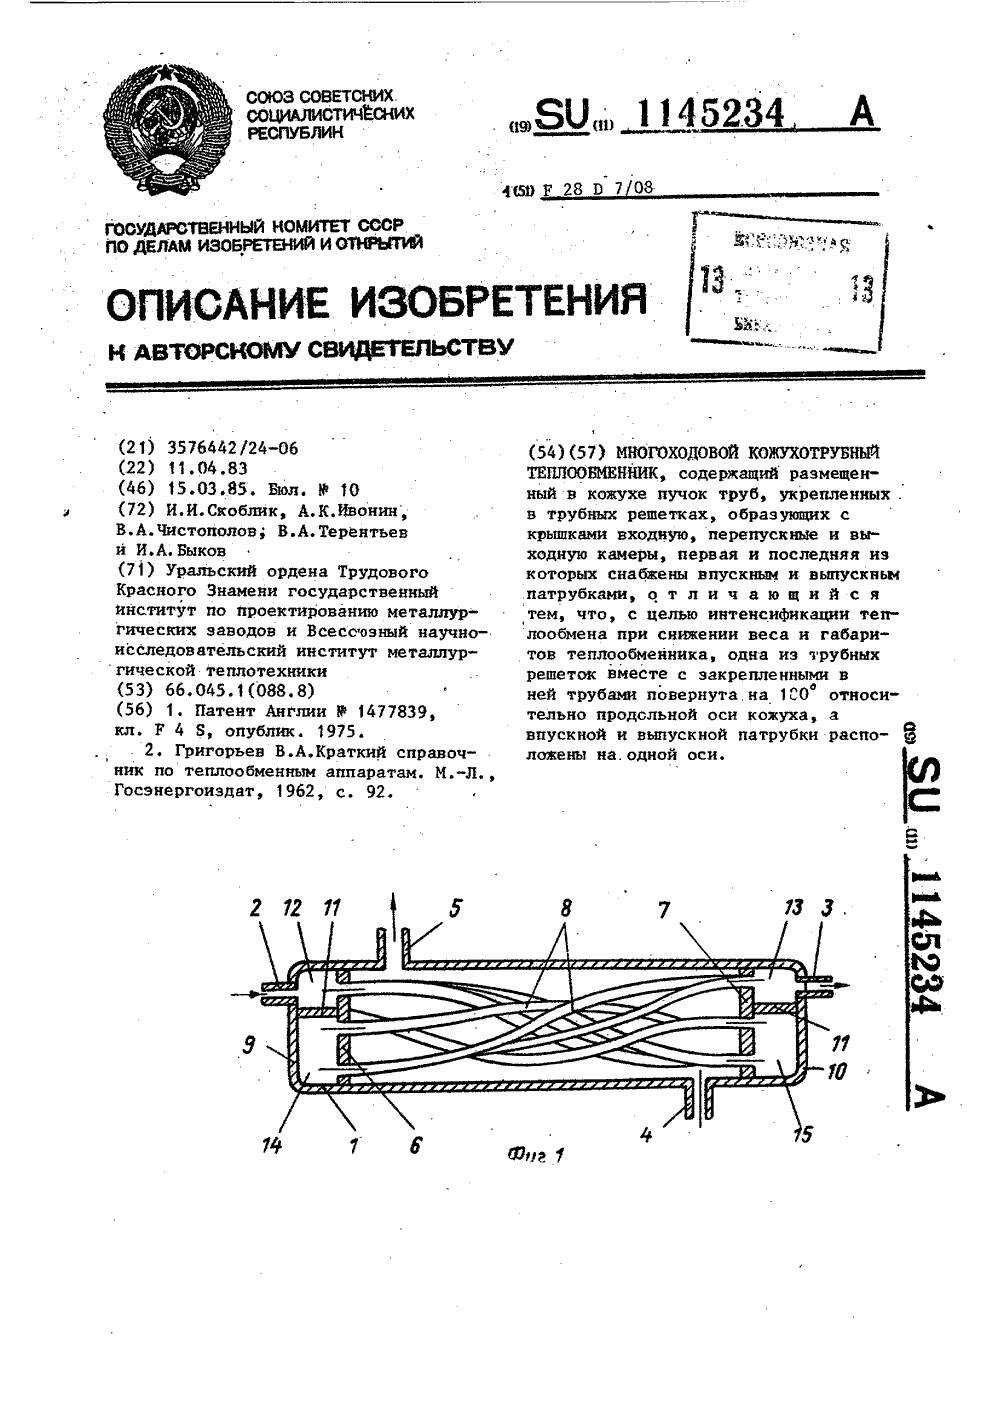 Кожухотрубчатый многоходовой теплообменник Кожухотрубный теплообменник Alfa Laval Pharma-line 3 - 1.6 Находка